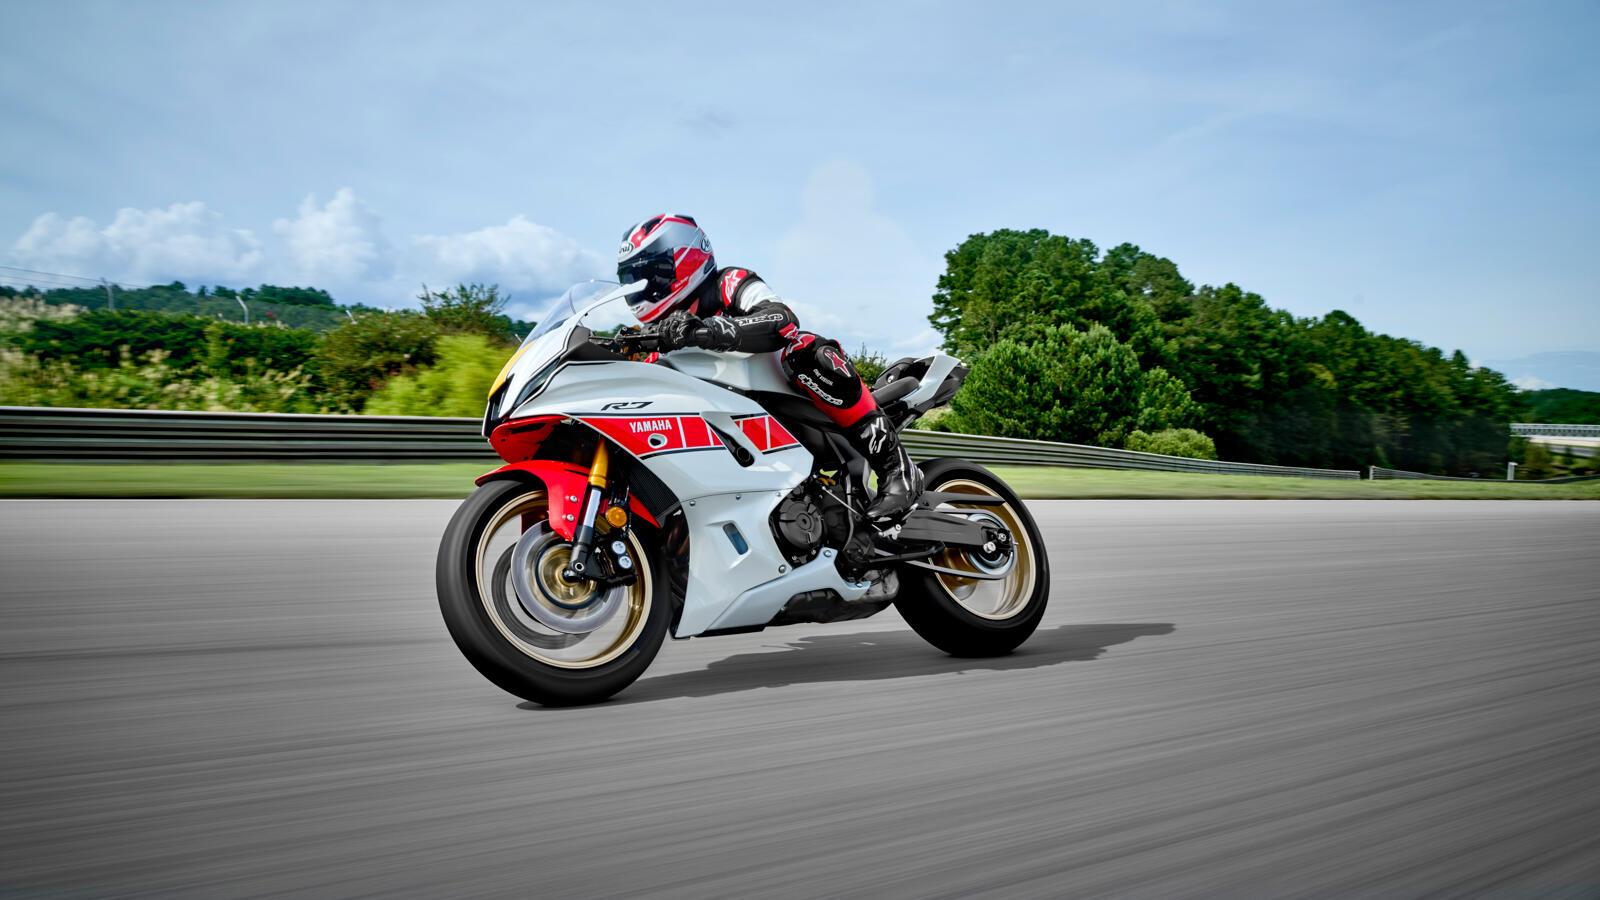 Die Yamaha R7 begeistert mit dem drehmomentstarken 689 ccm CP2-Motor